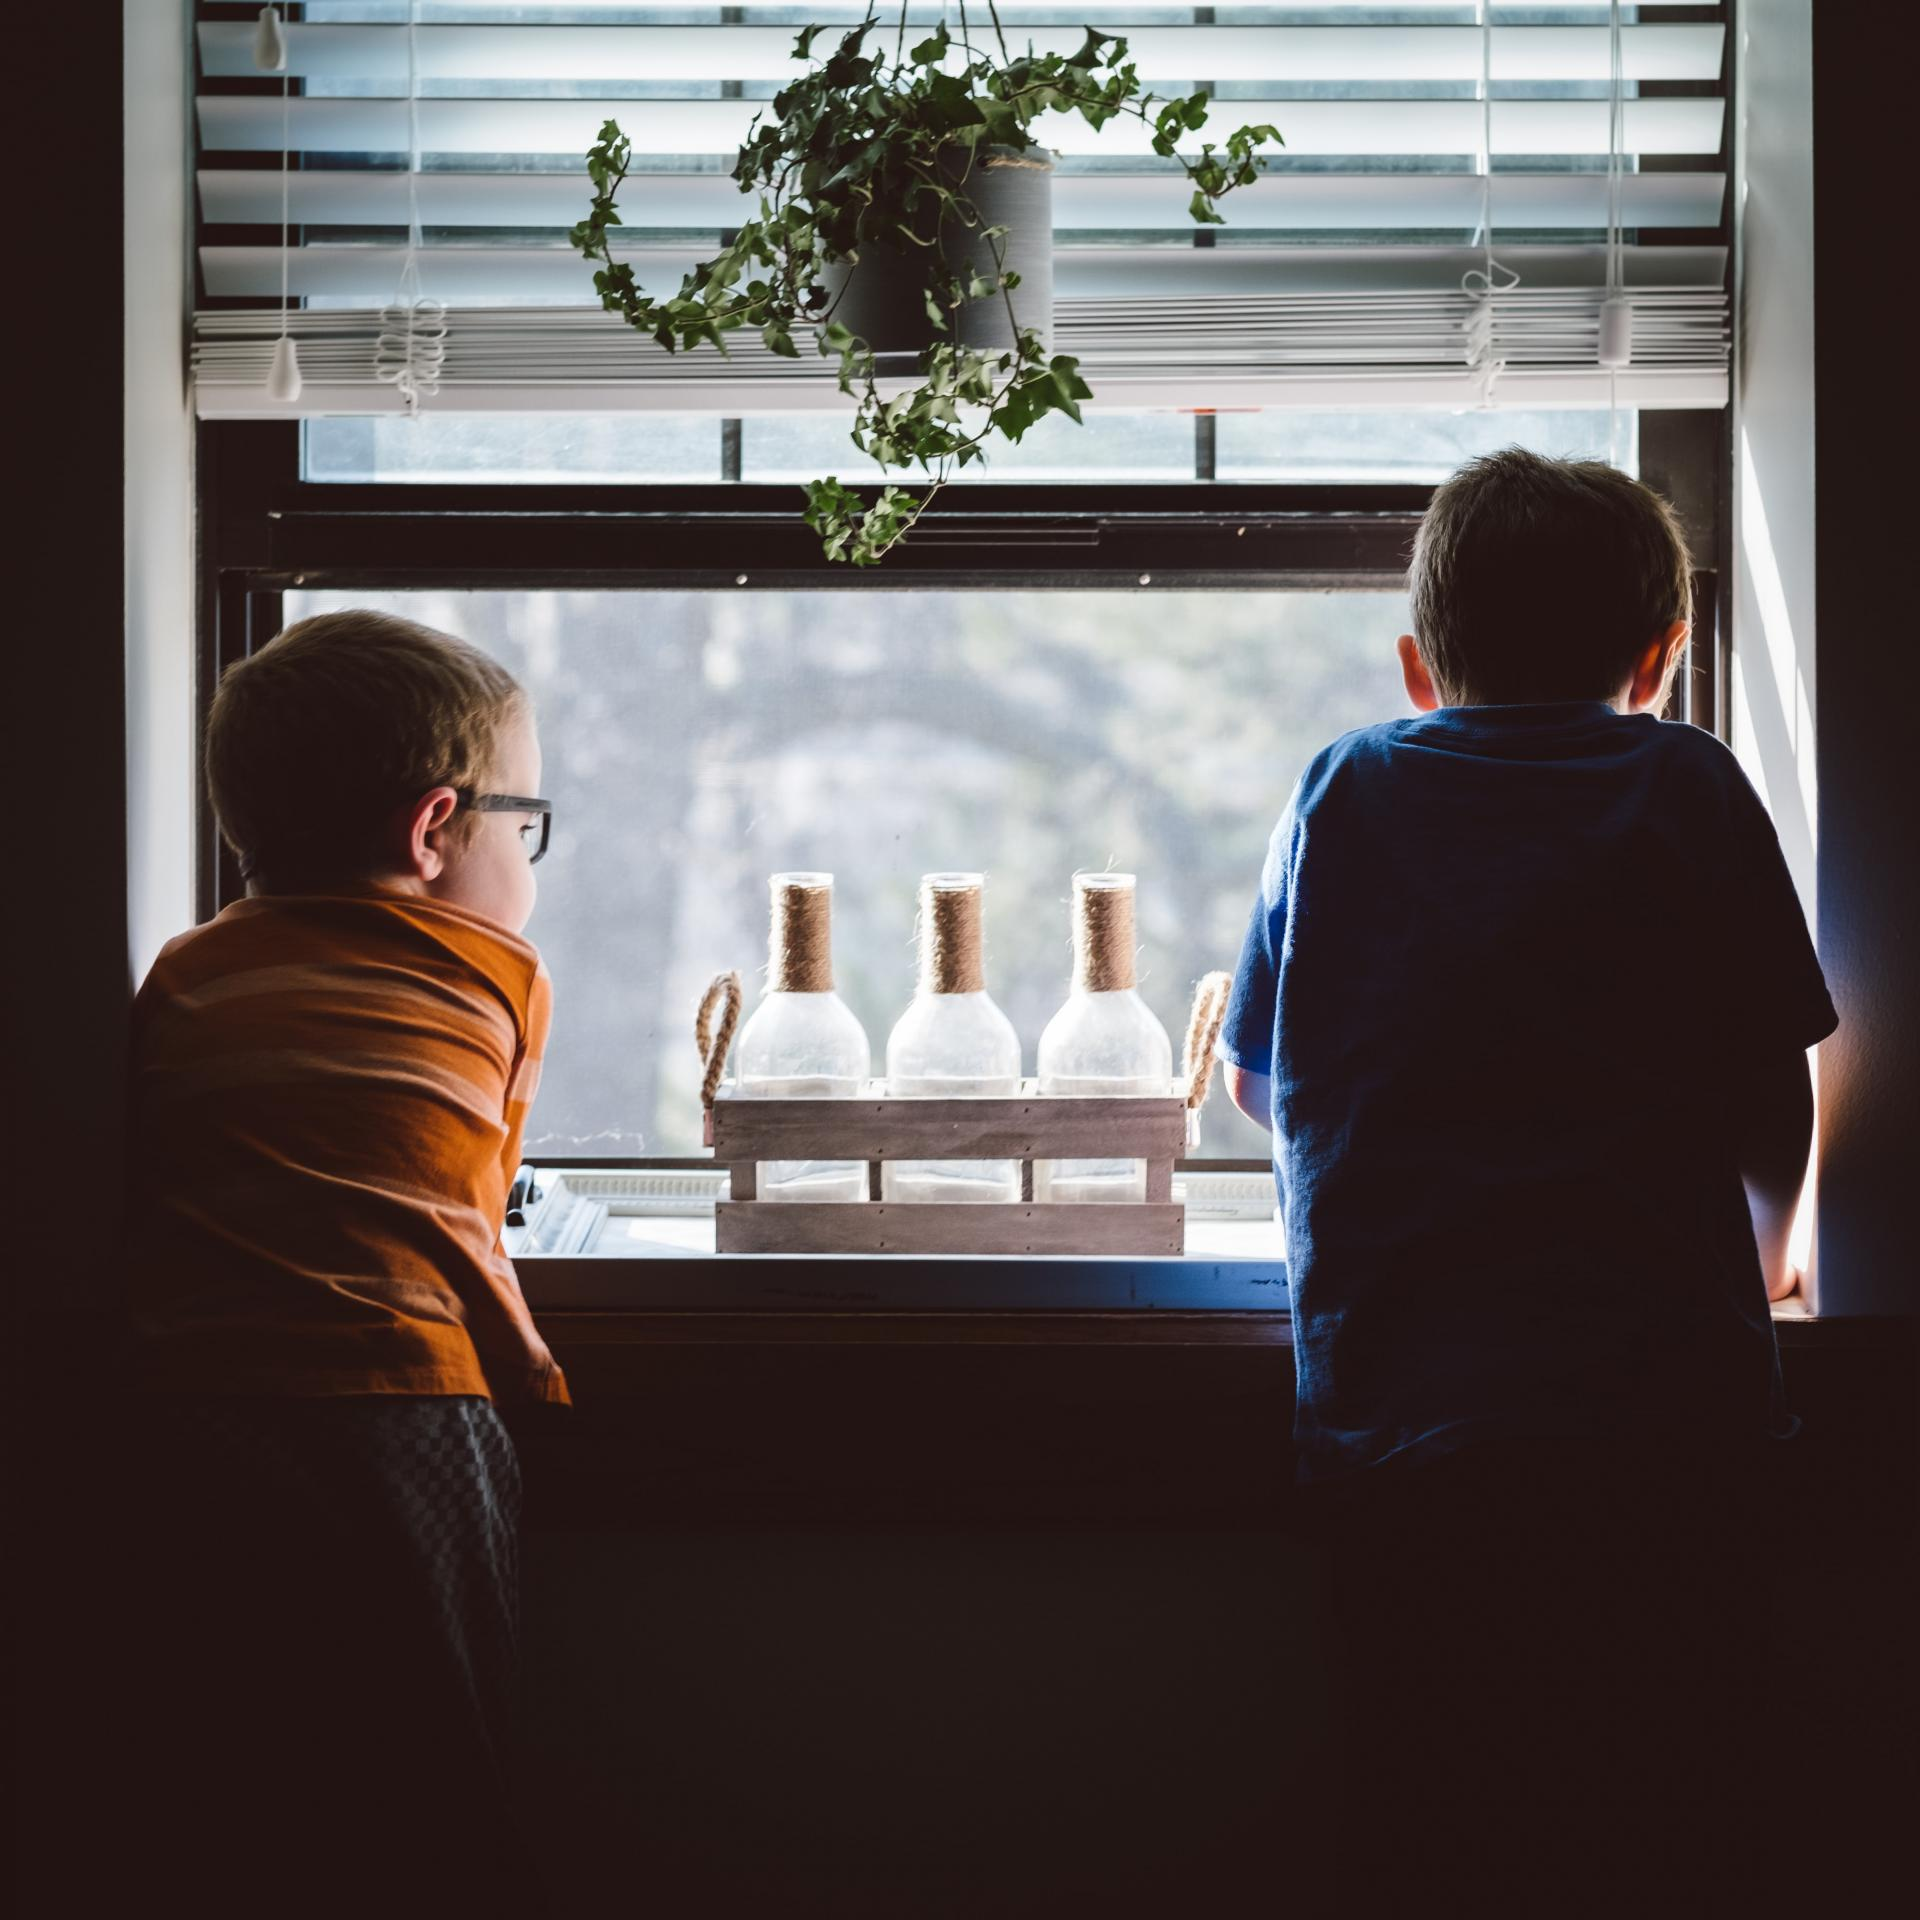 Jongens kijken uit het raam